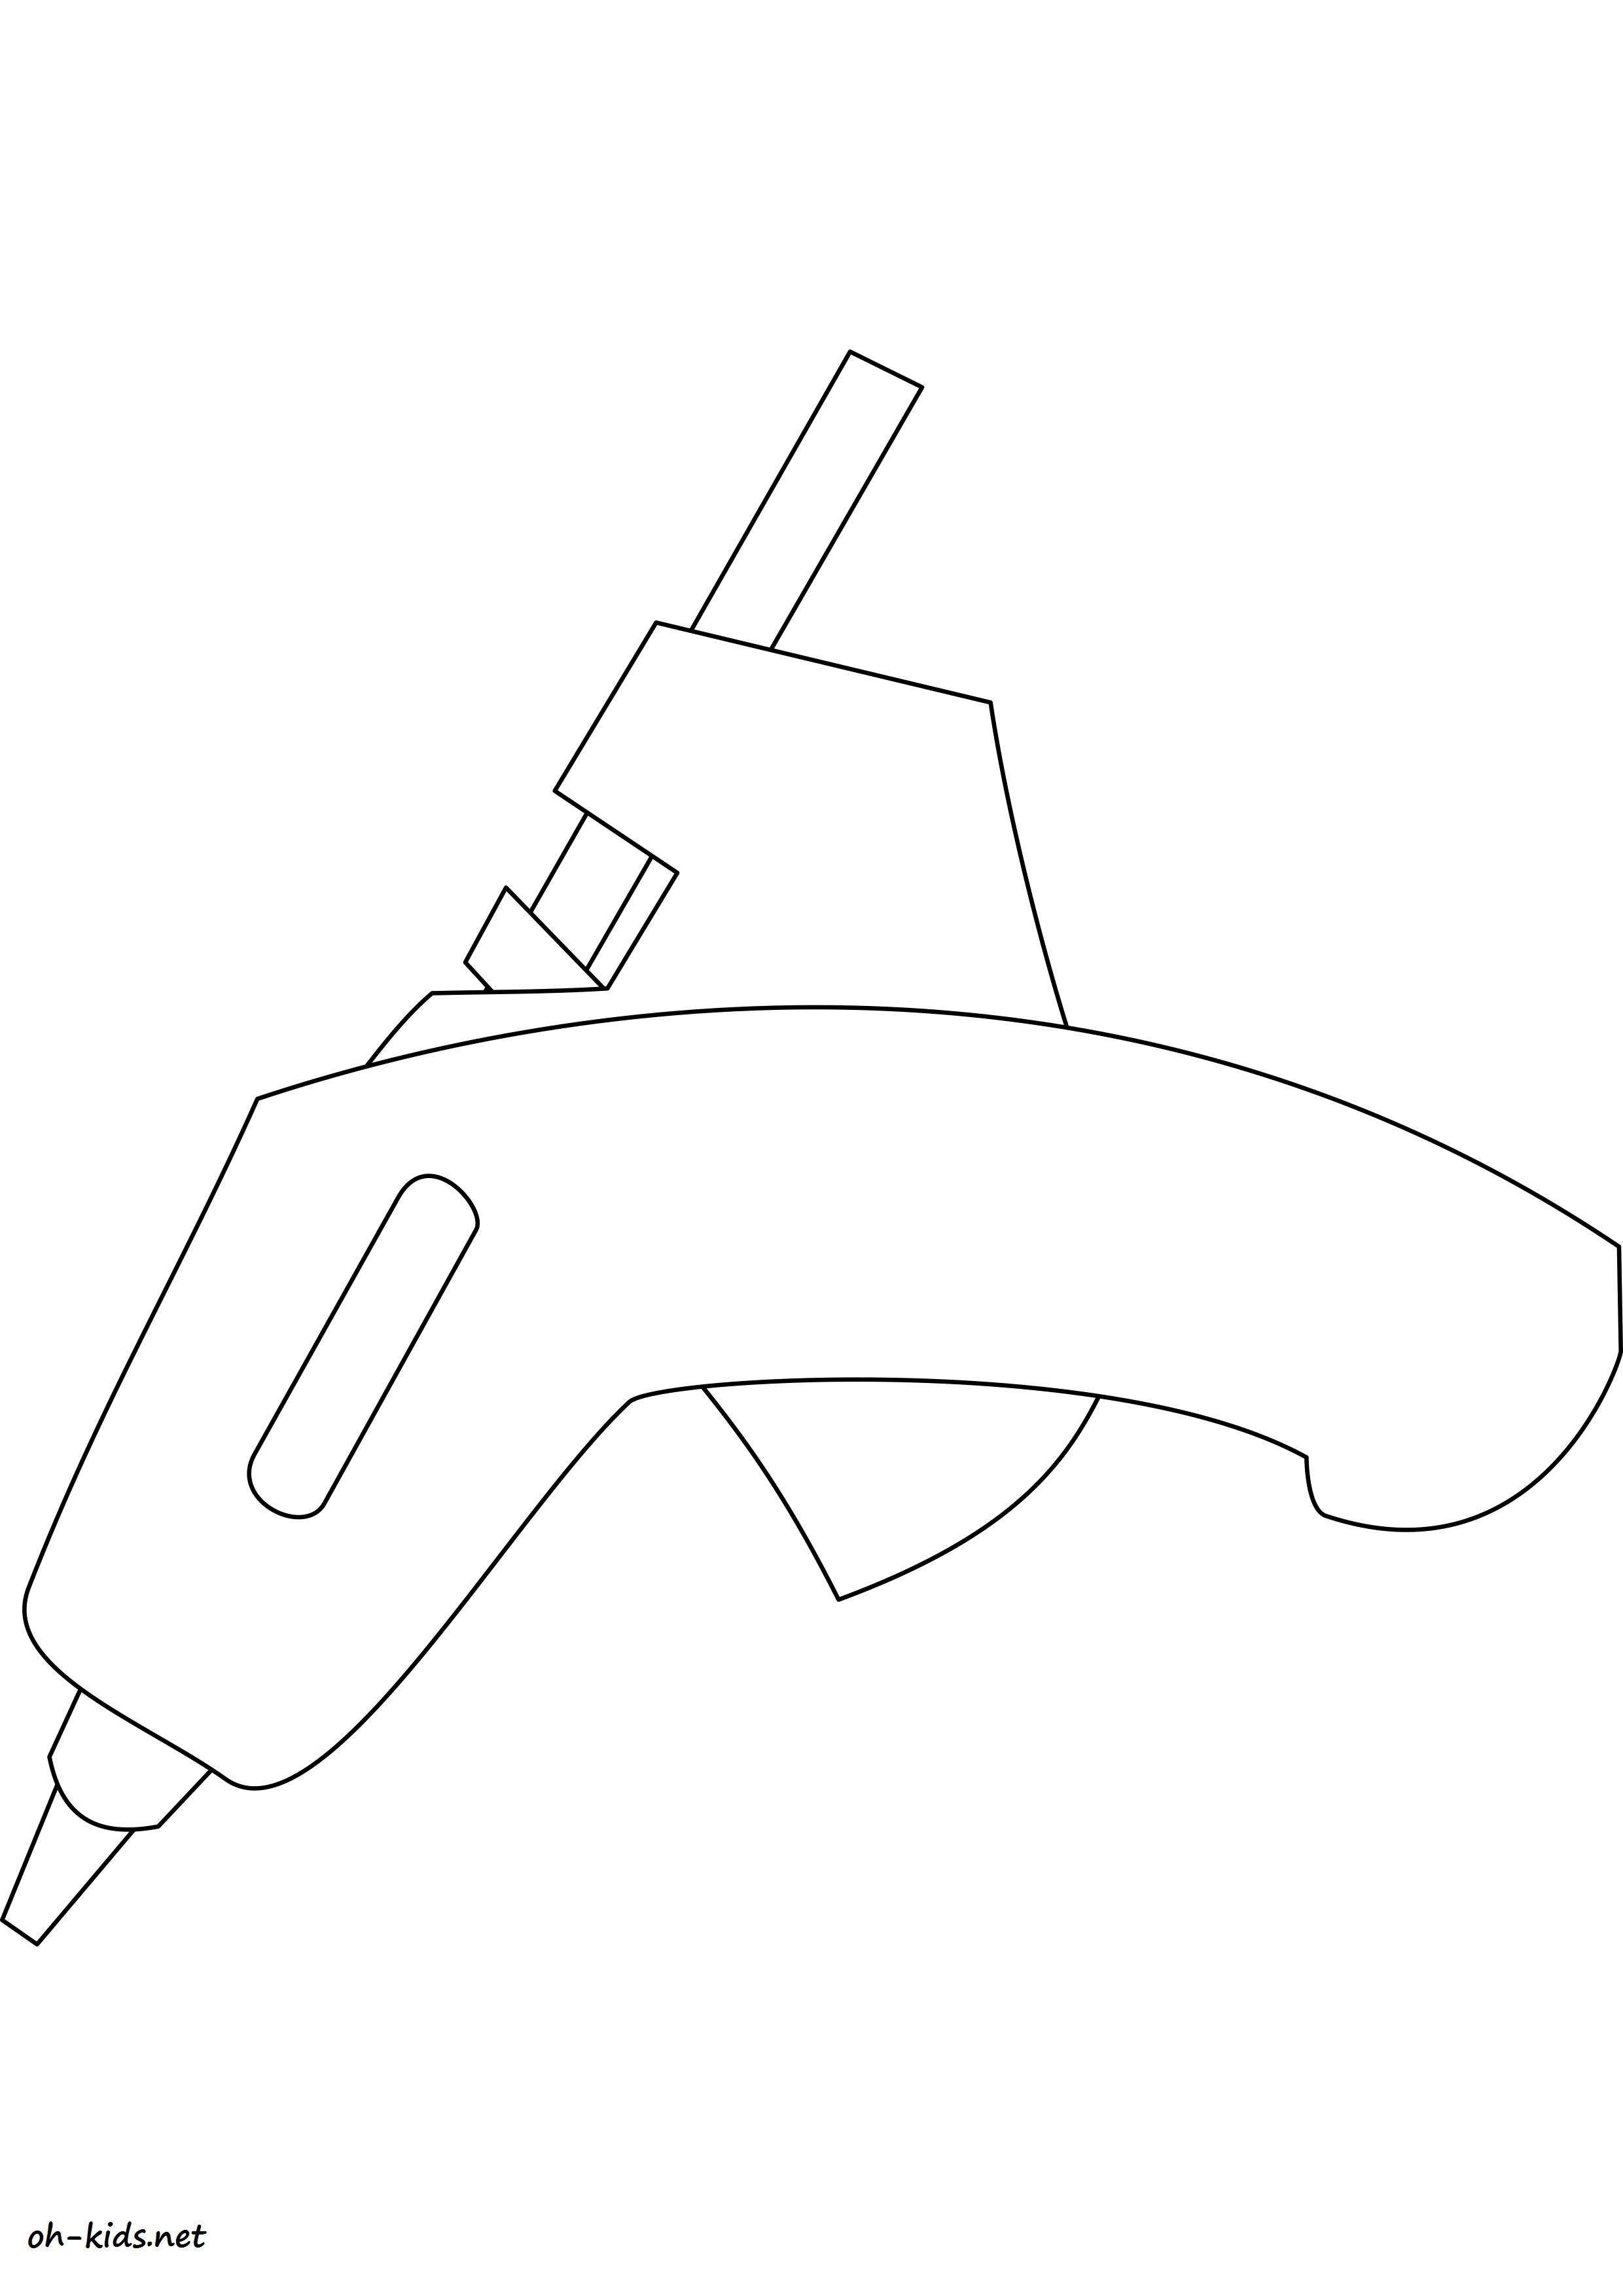 dessin gratuit de pistolet a imprimer - Dessin #1171